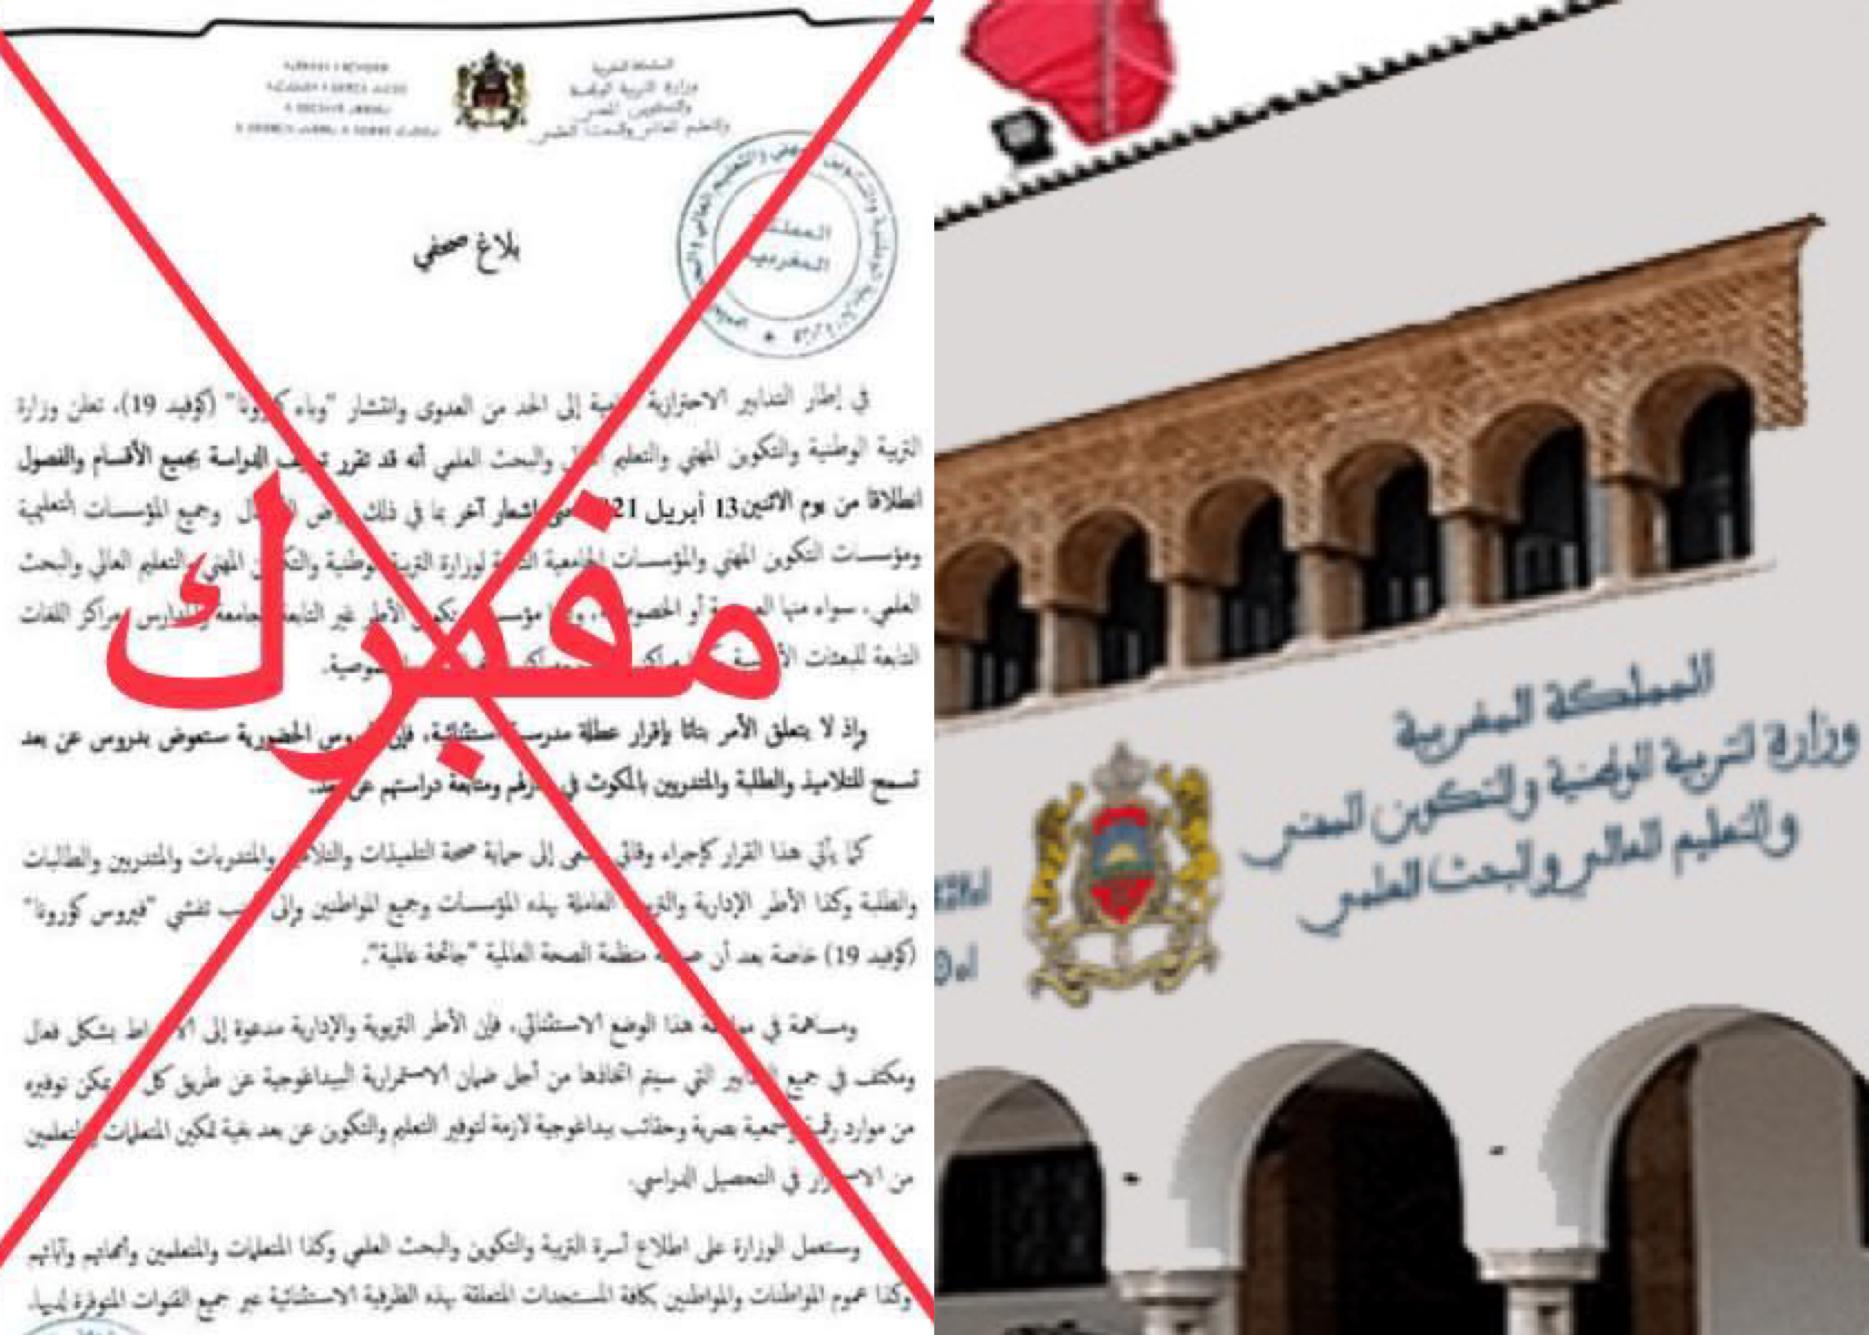 صورة وزارة التربية الوطني تنفي توقيف الدراسة ابتداء من يوم الاثنين 13 أبريل الجاري